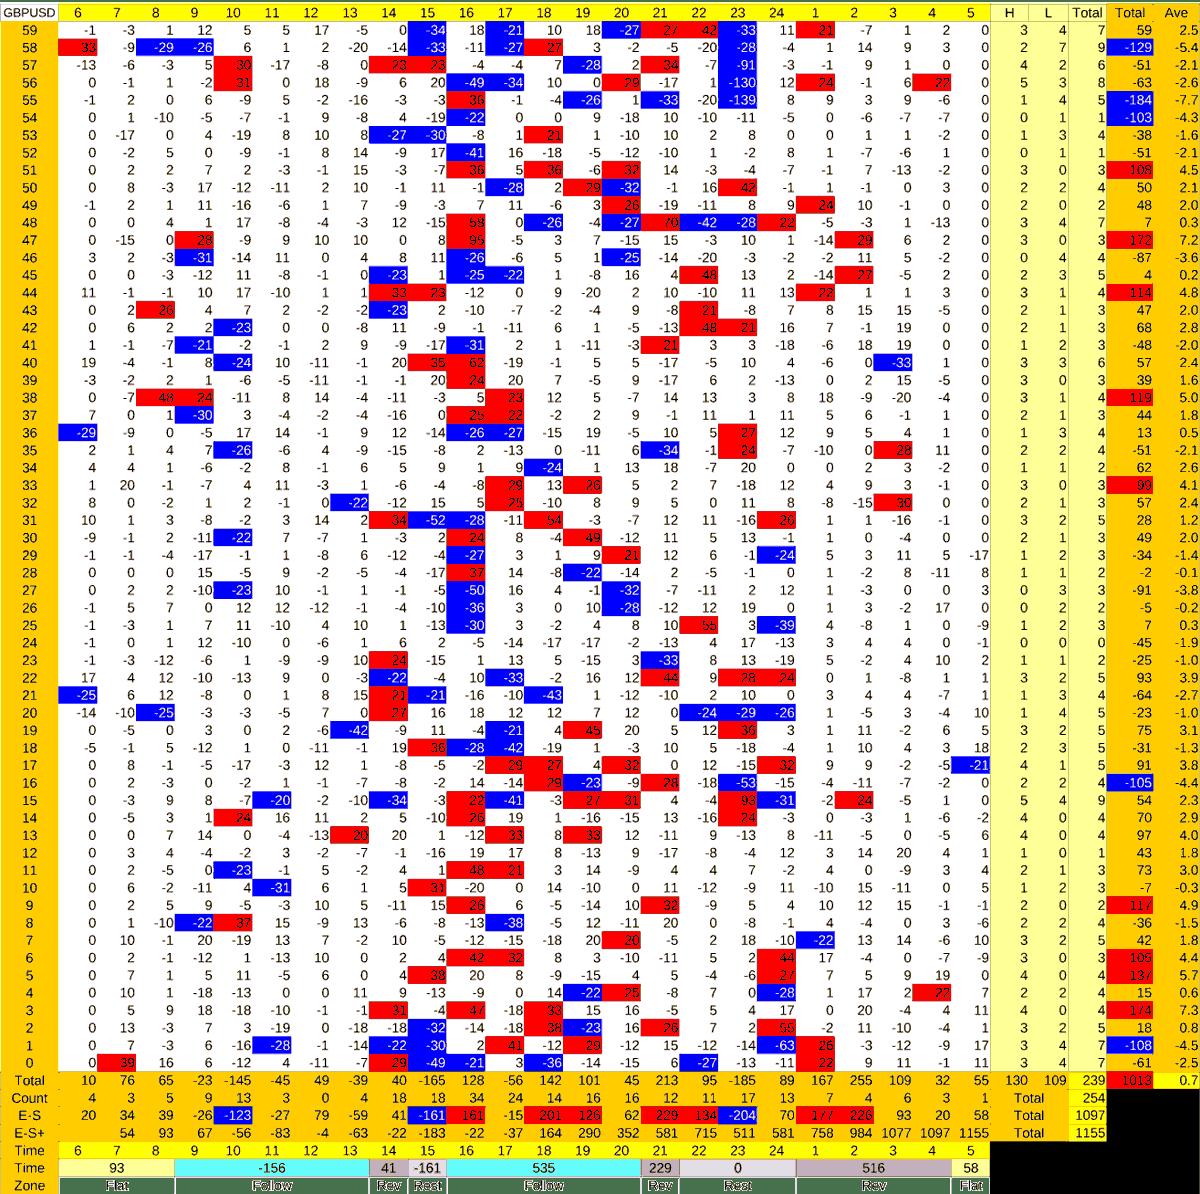 20210709_HS(2)GBPUSD